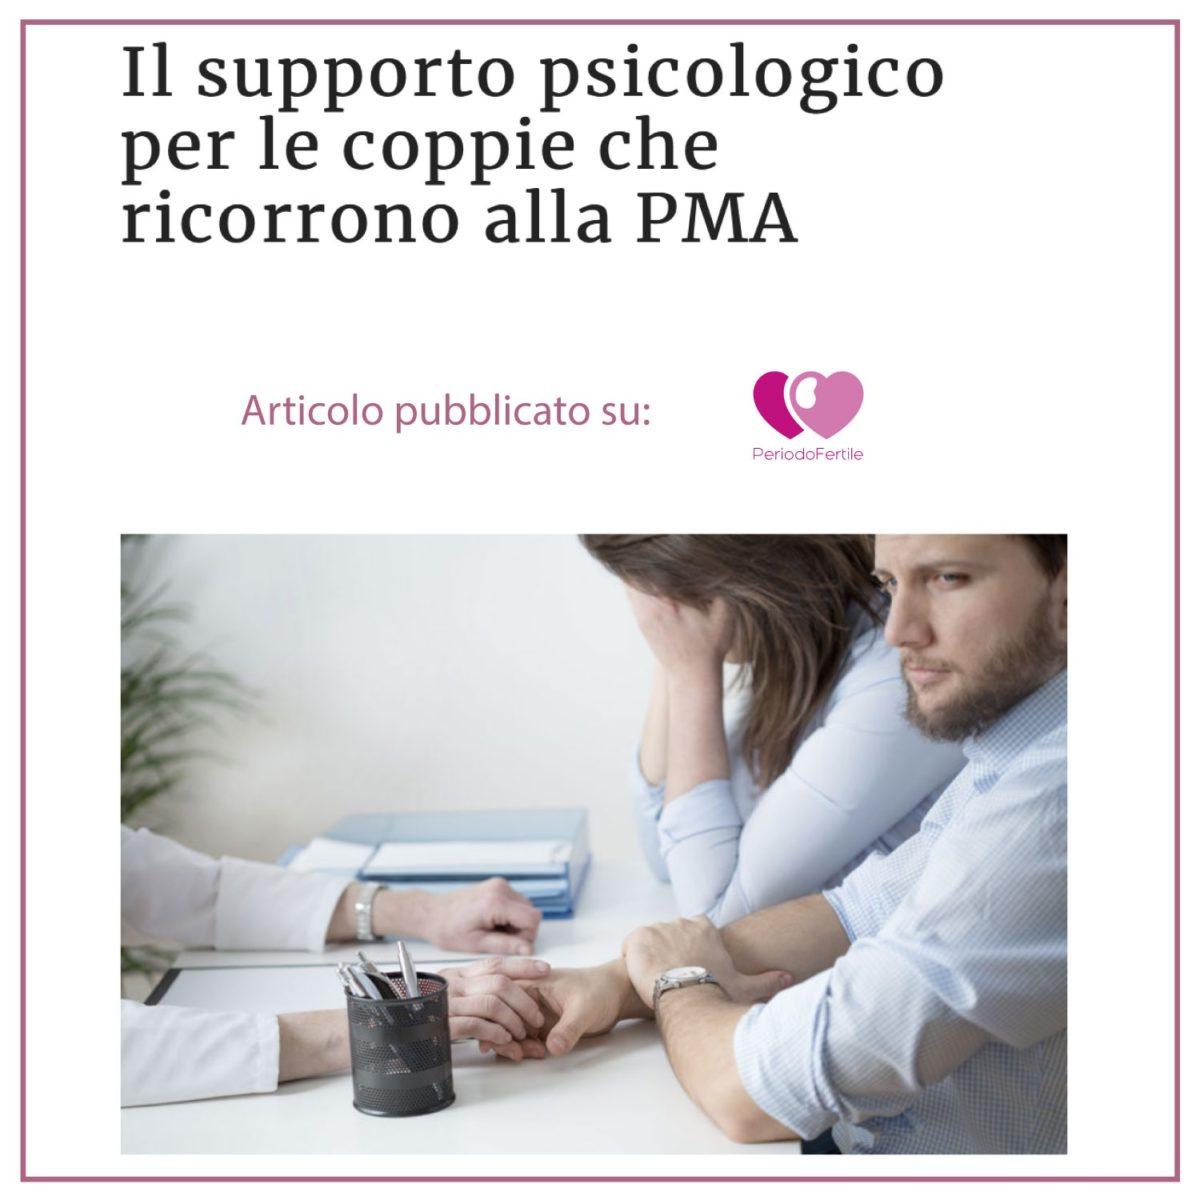 Su-Periodo-Fertile-intervista-alla-Dr.ssa-Federica-Faustini-Il-supporto-psicologico-per-le-coppie-che-ricorrono-alla-PMA-B-Woman-1200x1200.jpeg